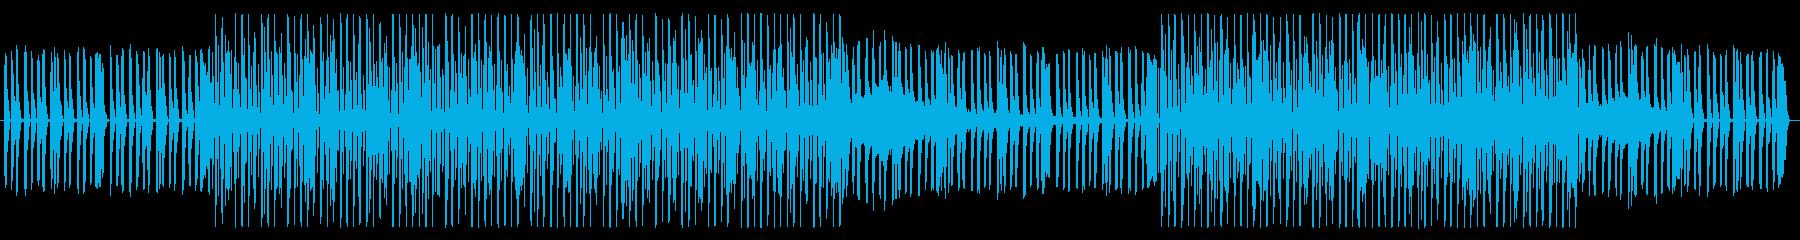 【ニュース】無機質で浮遊感ある報道シンセの再生済みの波形